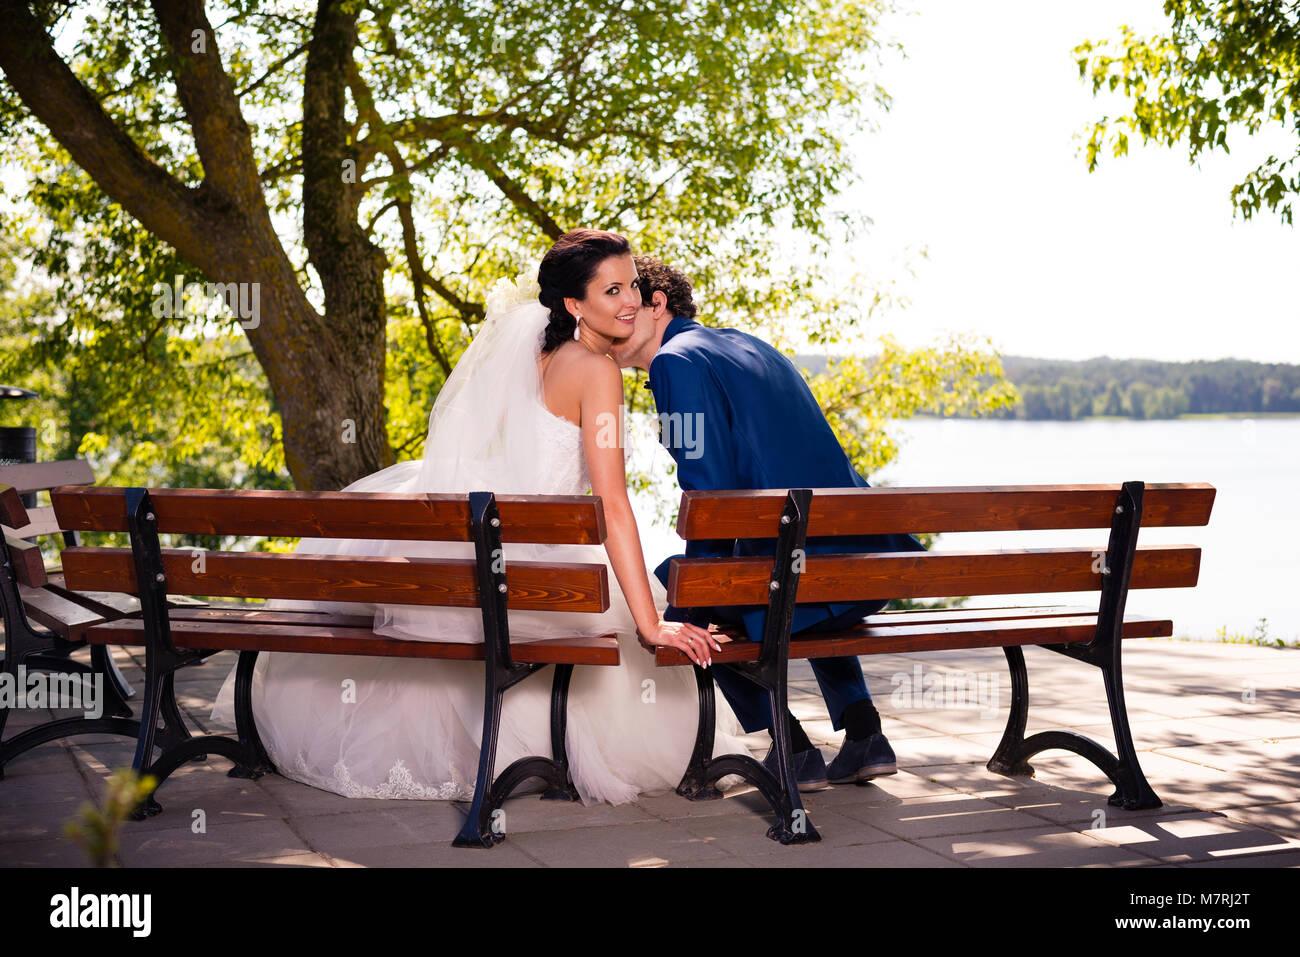 Pareja de recién casados en un paseo en el parque Imagen De Stock